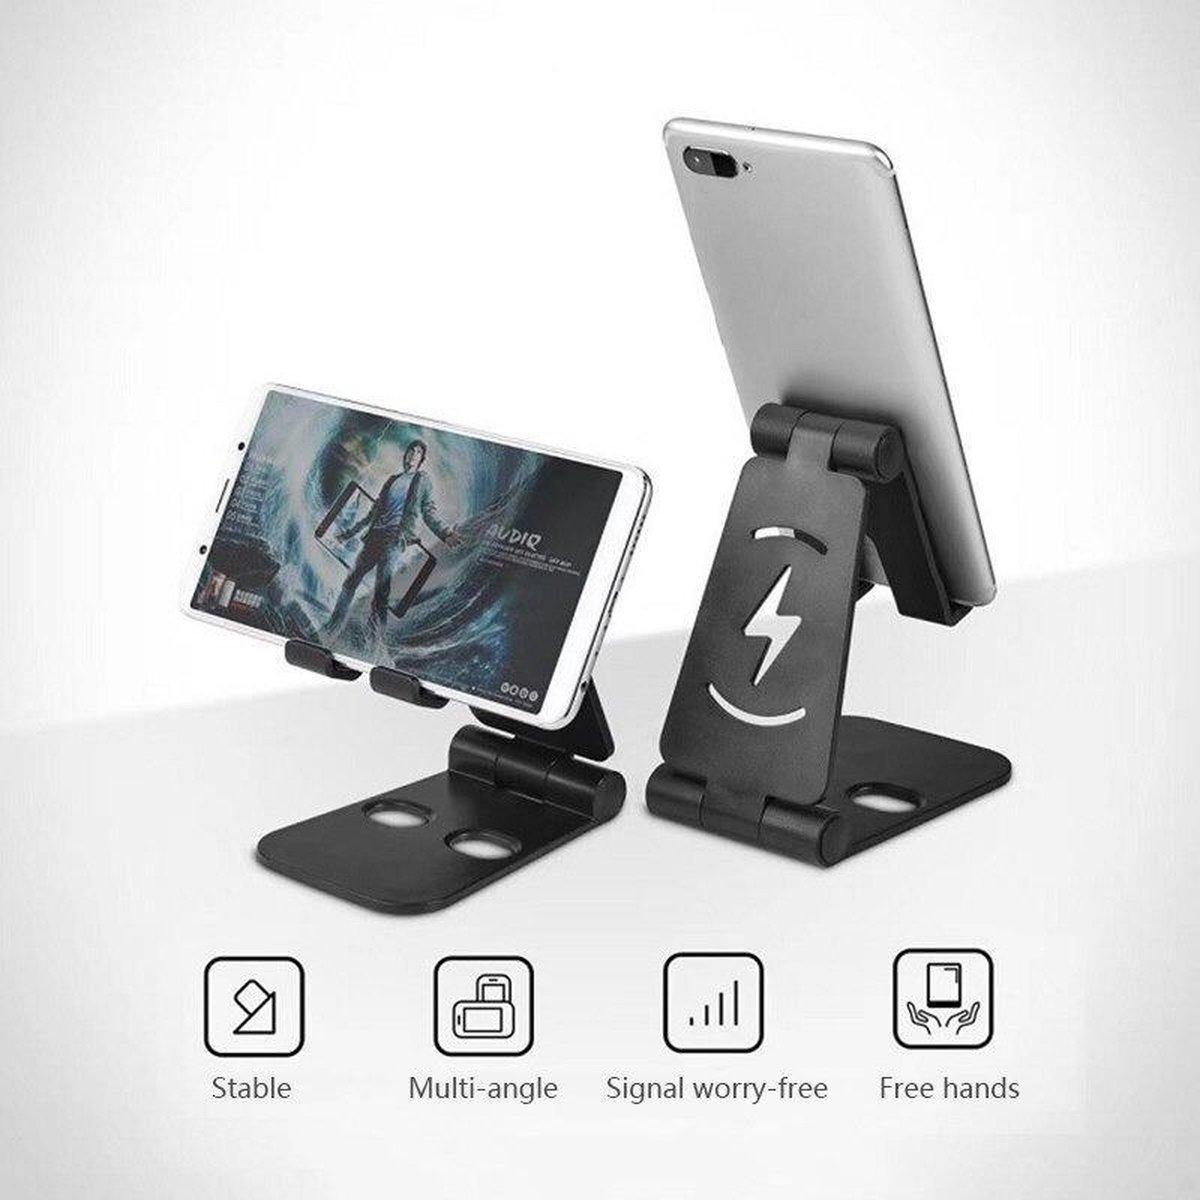 Telefoon Houder - Tablet Houder - Zwart - Universele Verstelbare - Desk Stand Opladen Ruimte - Ipad Houder - Voor Iphone Huawei Samsung Etc